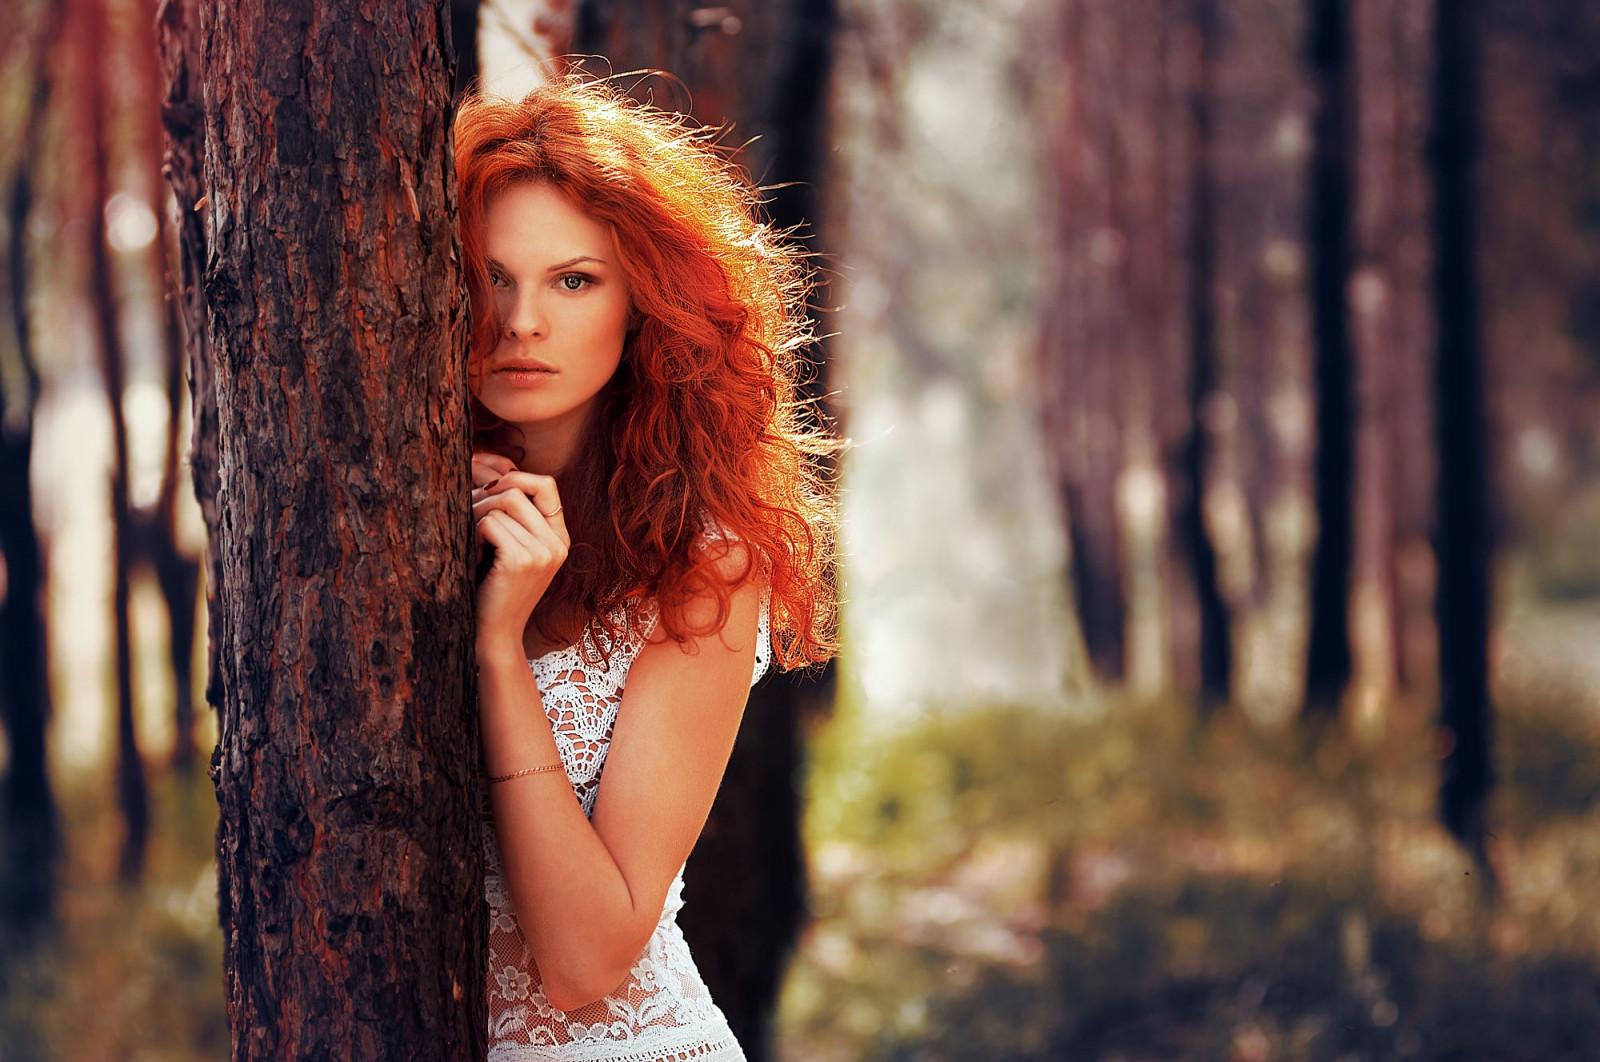 Красивые бледно рыжие девушки профессиональные фотки